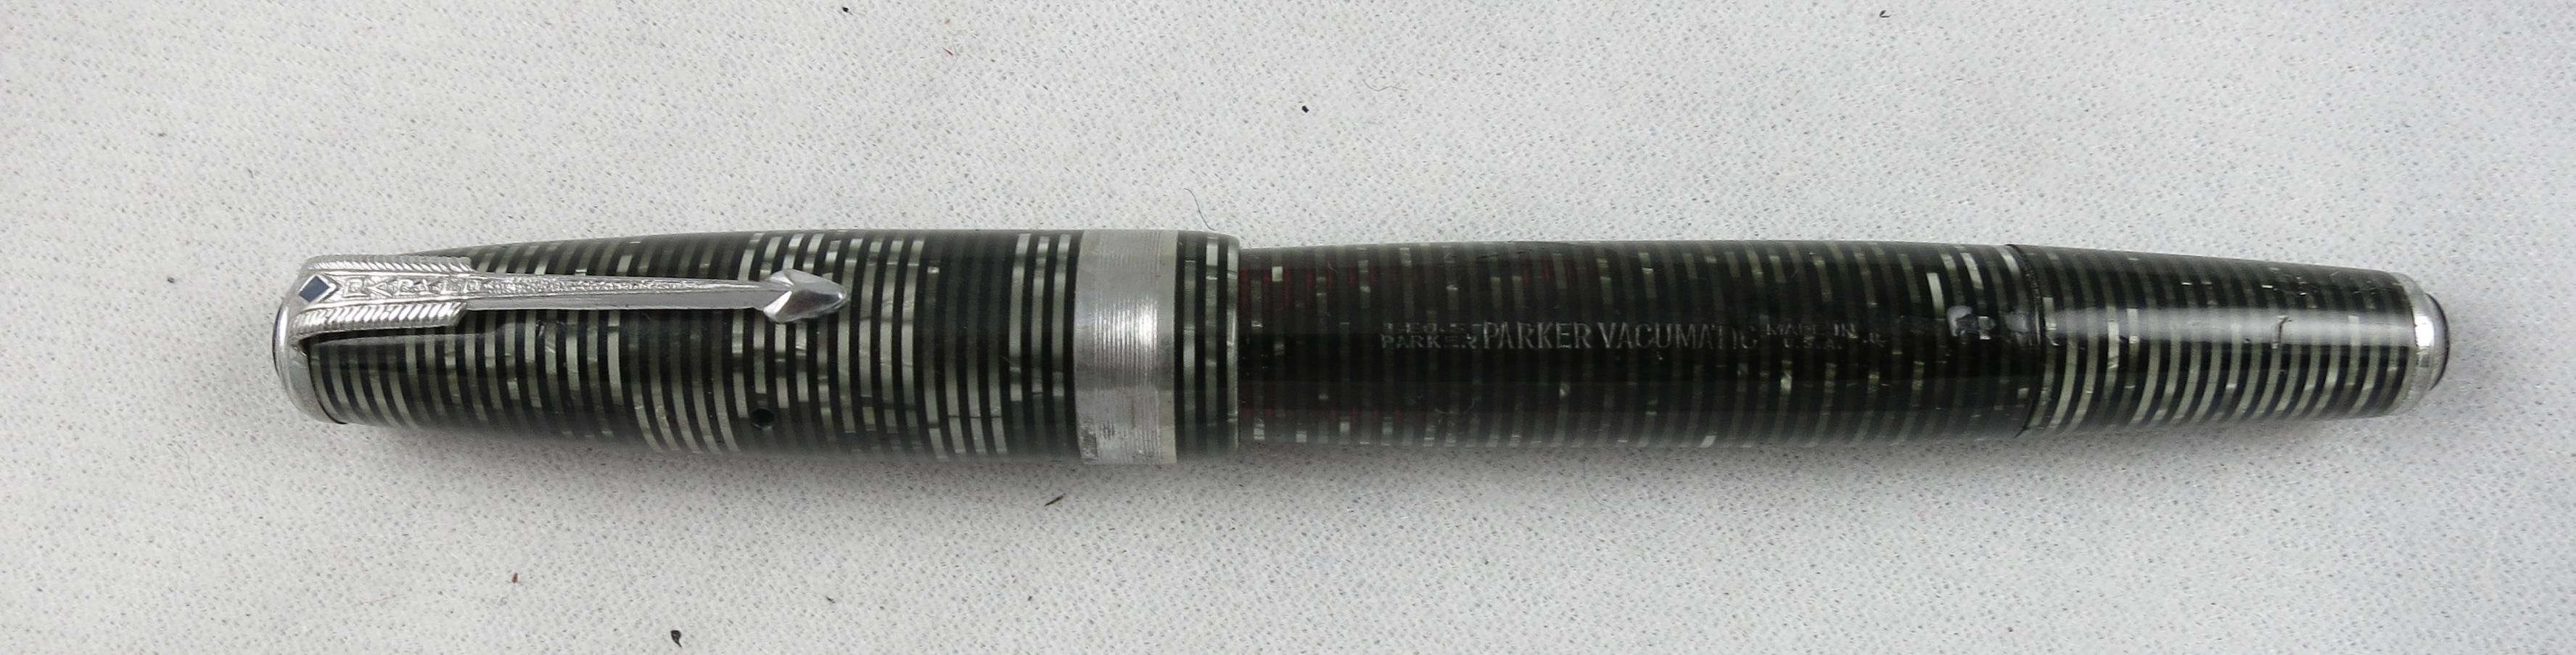 Parker Vacumatic - Two jewel, wide Band 1940 Silver Pearl, Speedline Filler (Pen 1997)